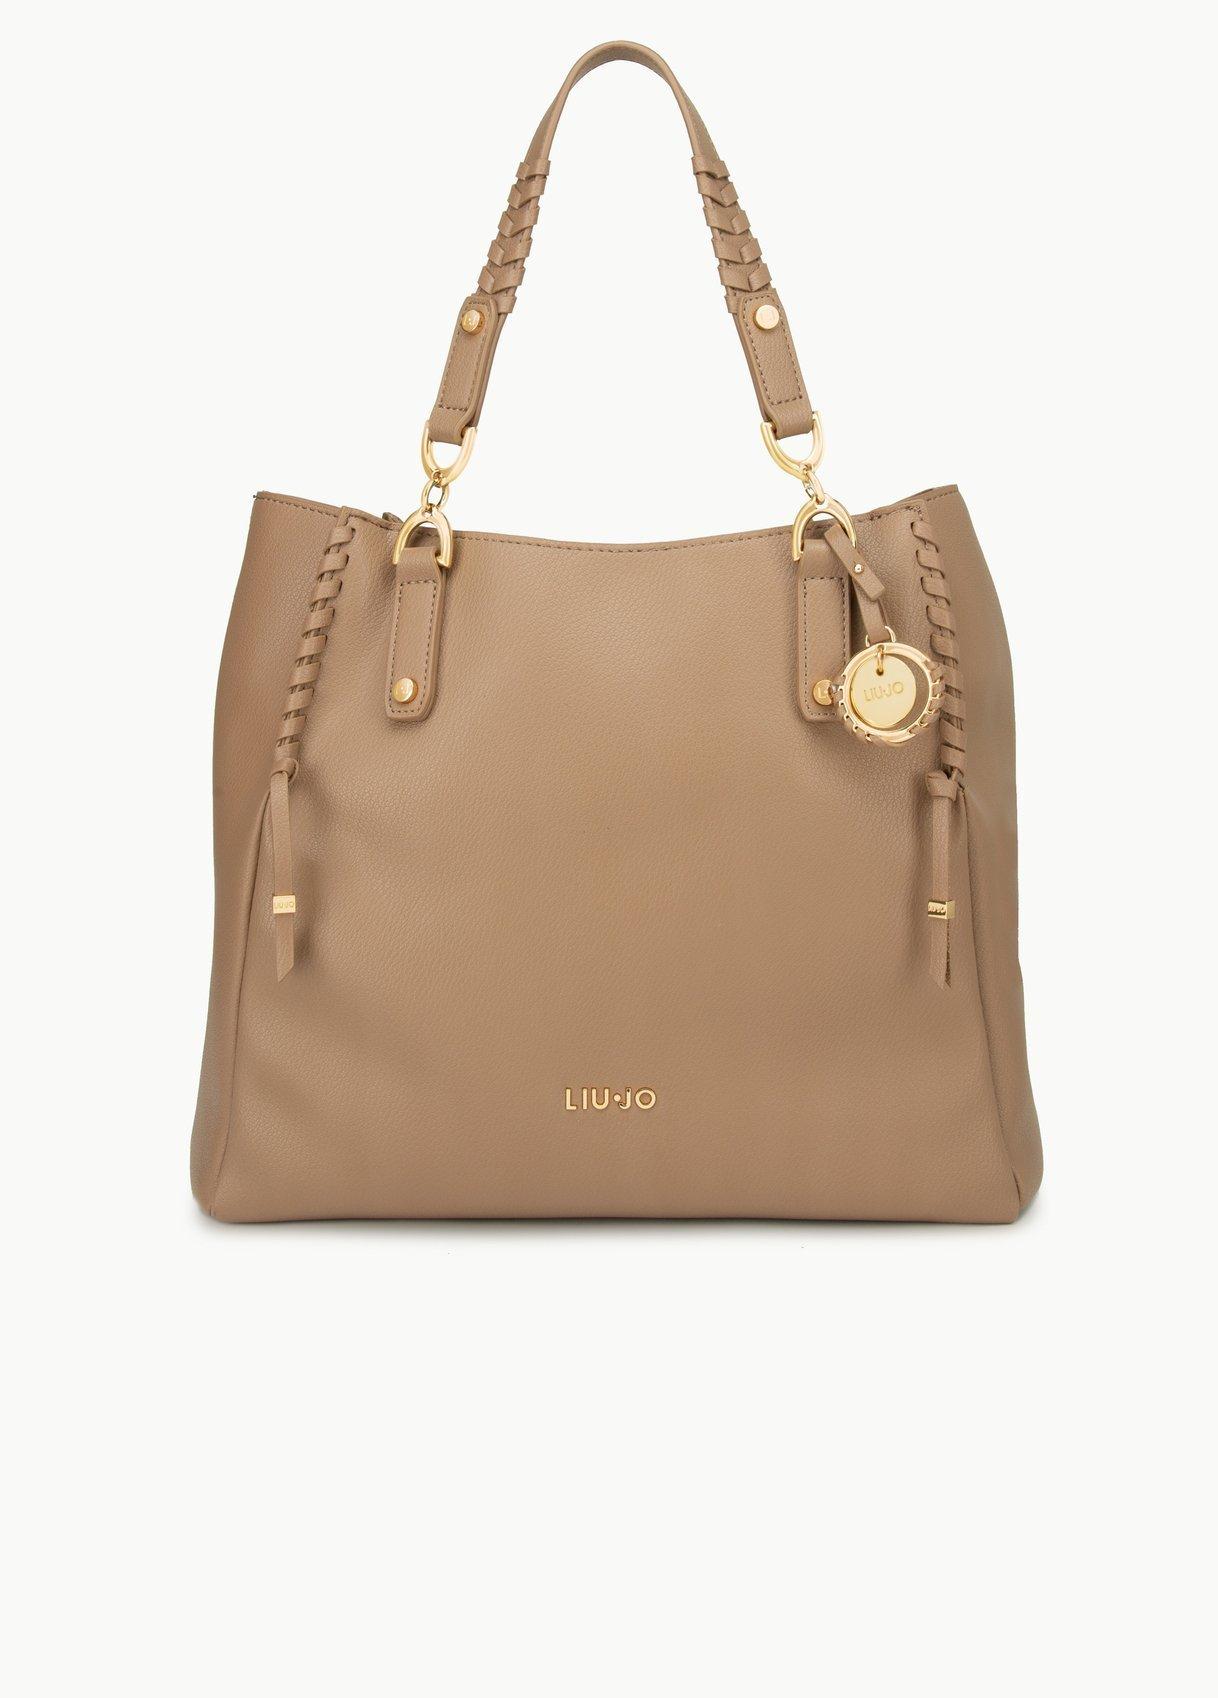 Shopping bag Liu Jo autunno inverno 2019 2020 prezzo 149 euro